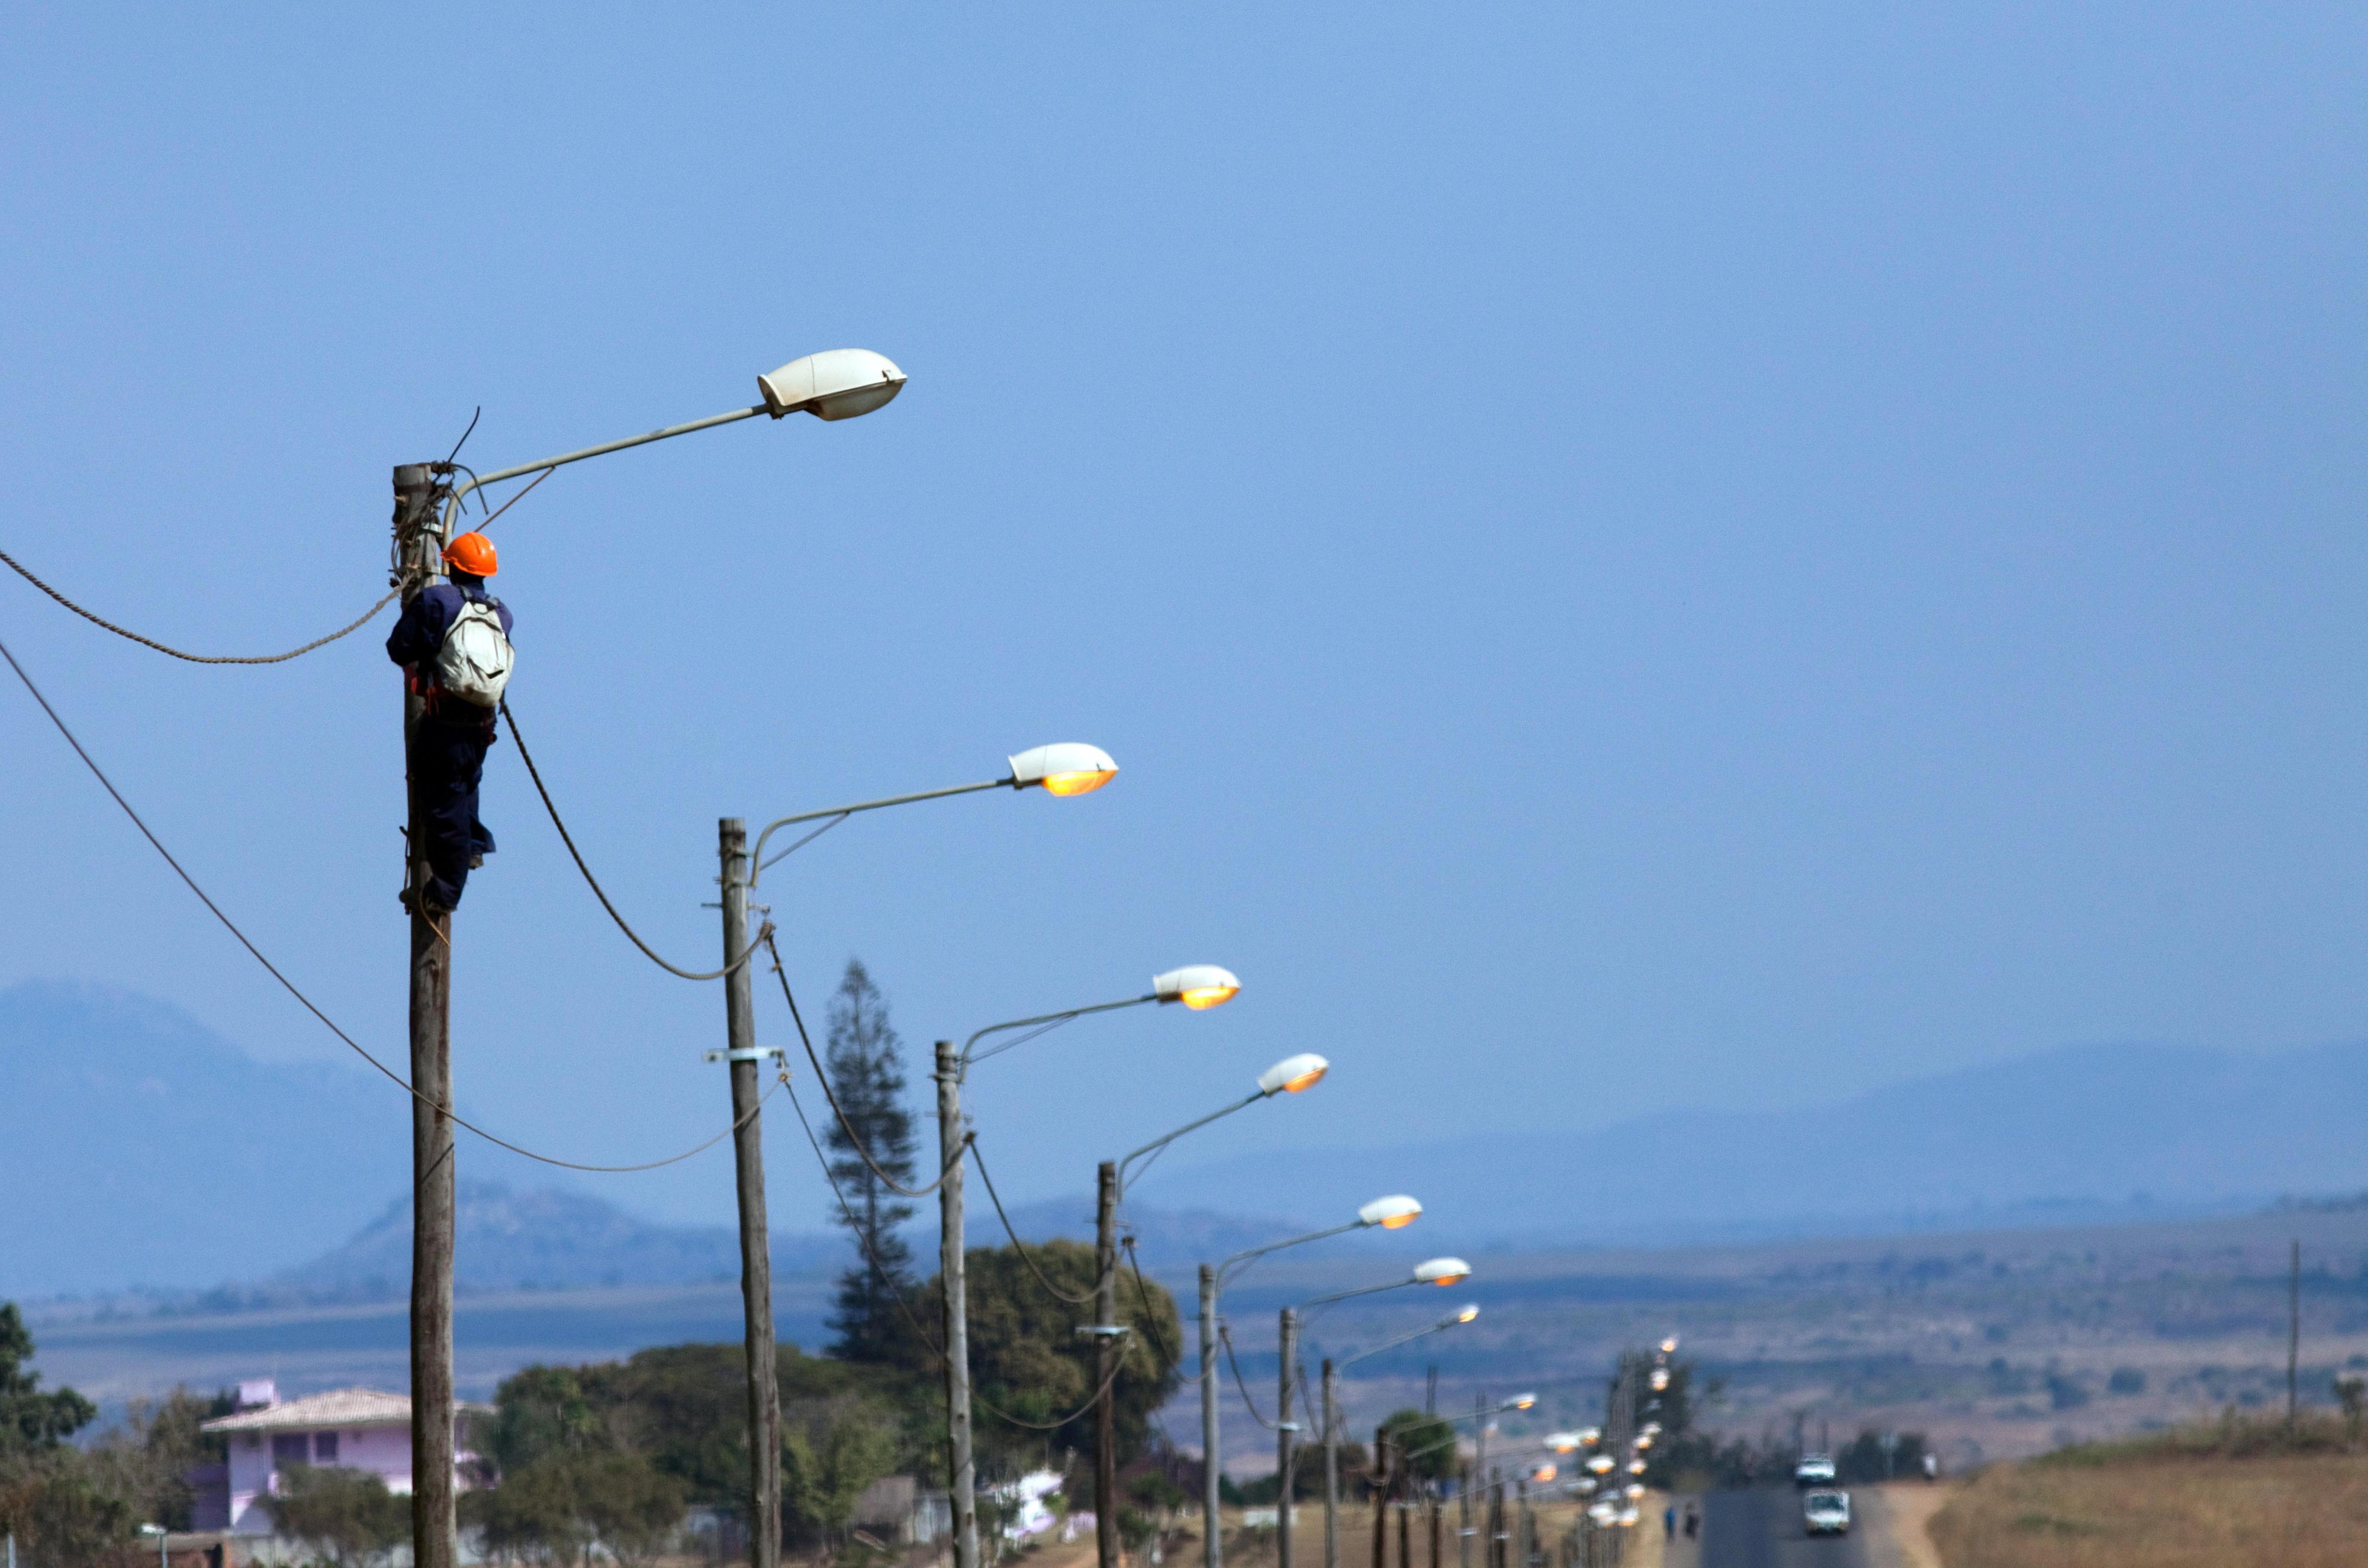 Ein Techniker repariert die Straßenbeleuchtung in Chimoio, Mosambik